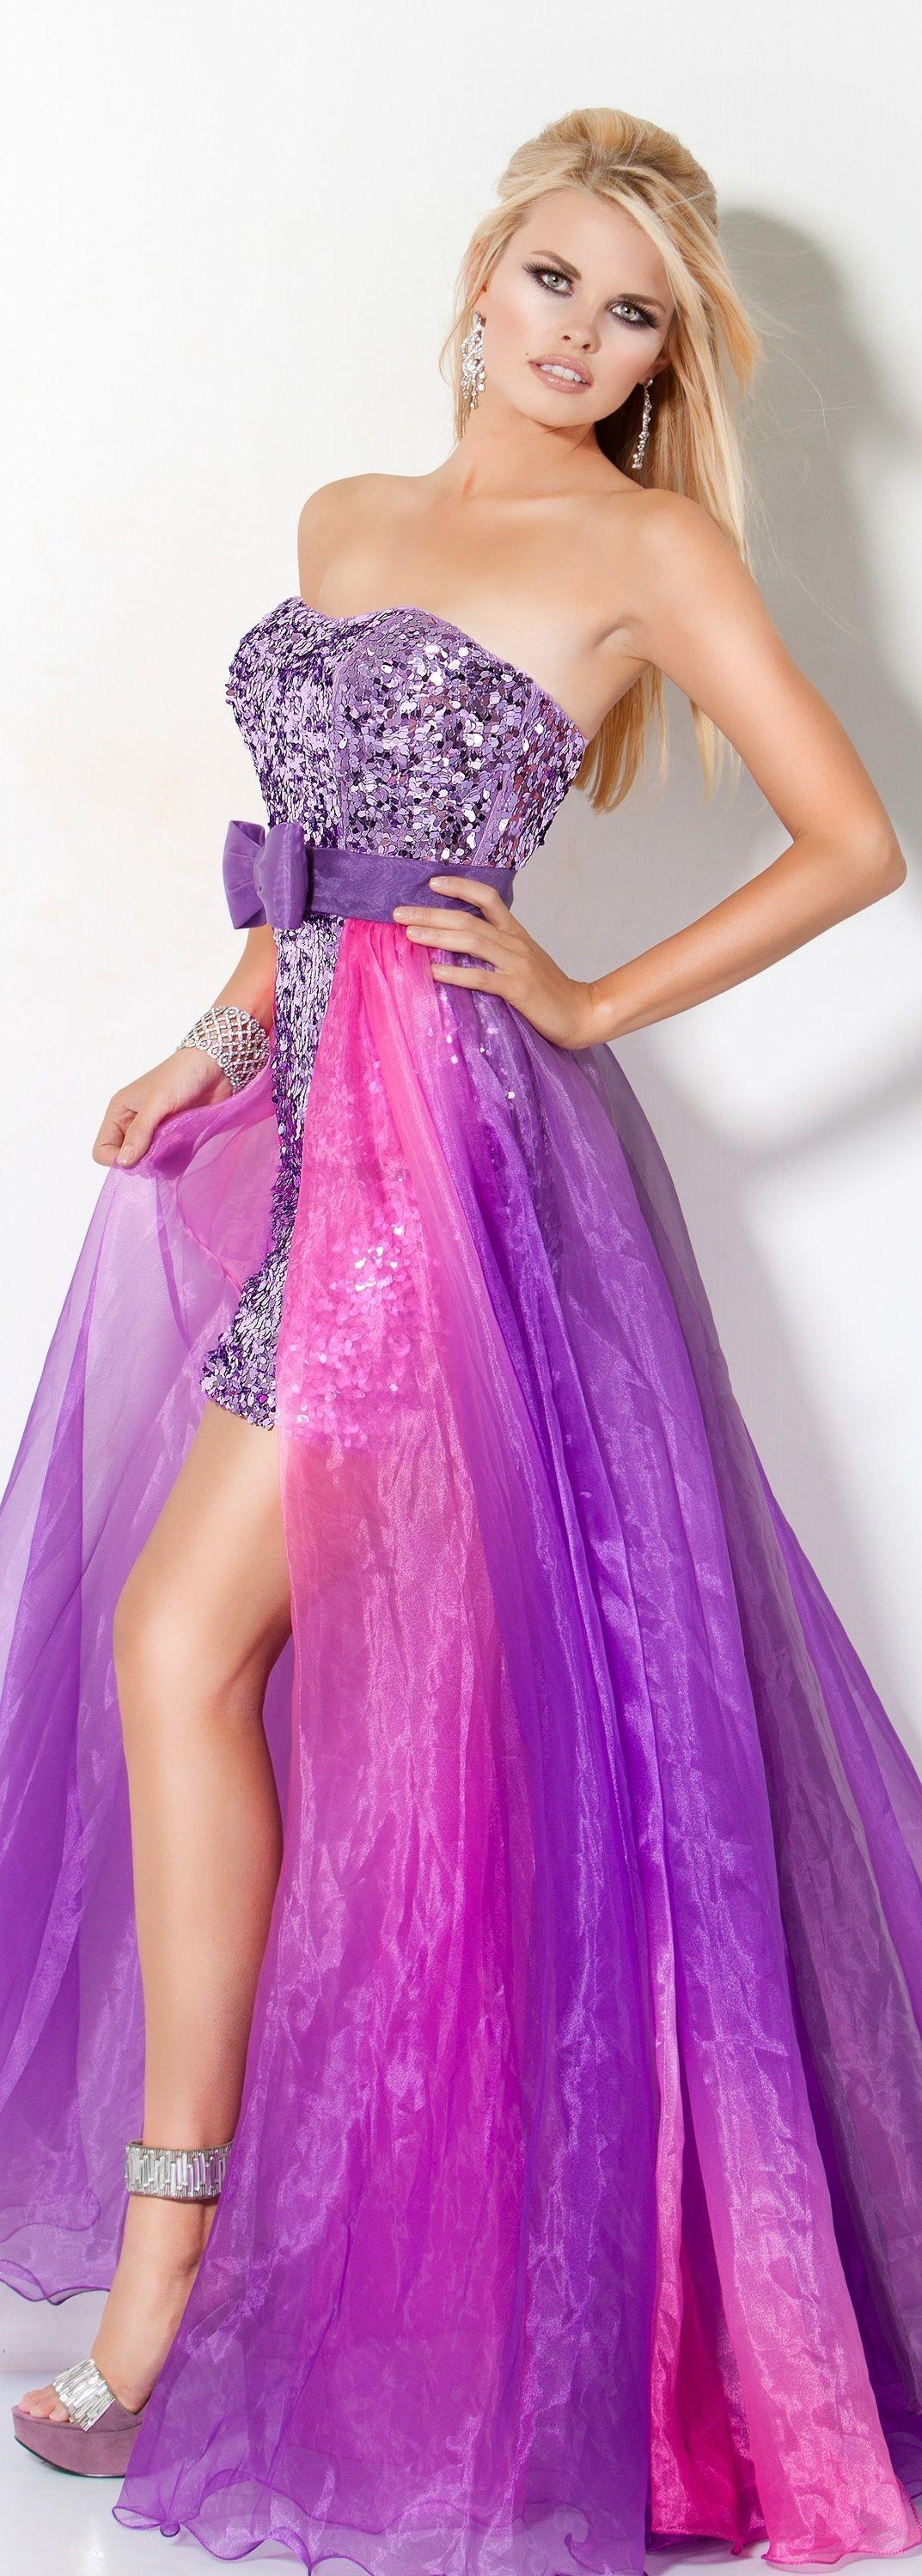 Excepcional Vestidos De Fiesta Glitterati Ideas Ornamento ...